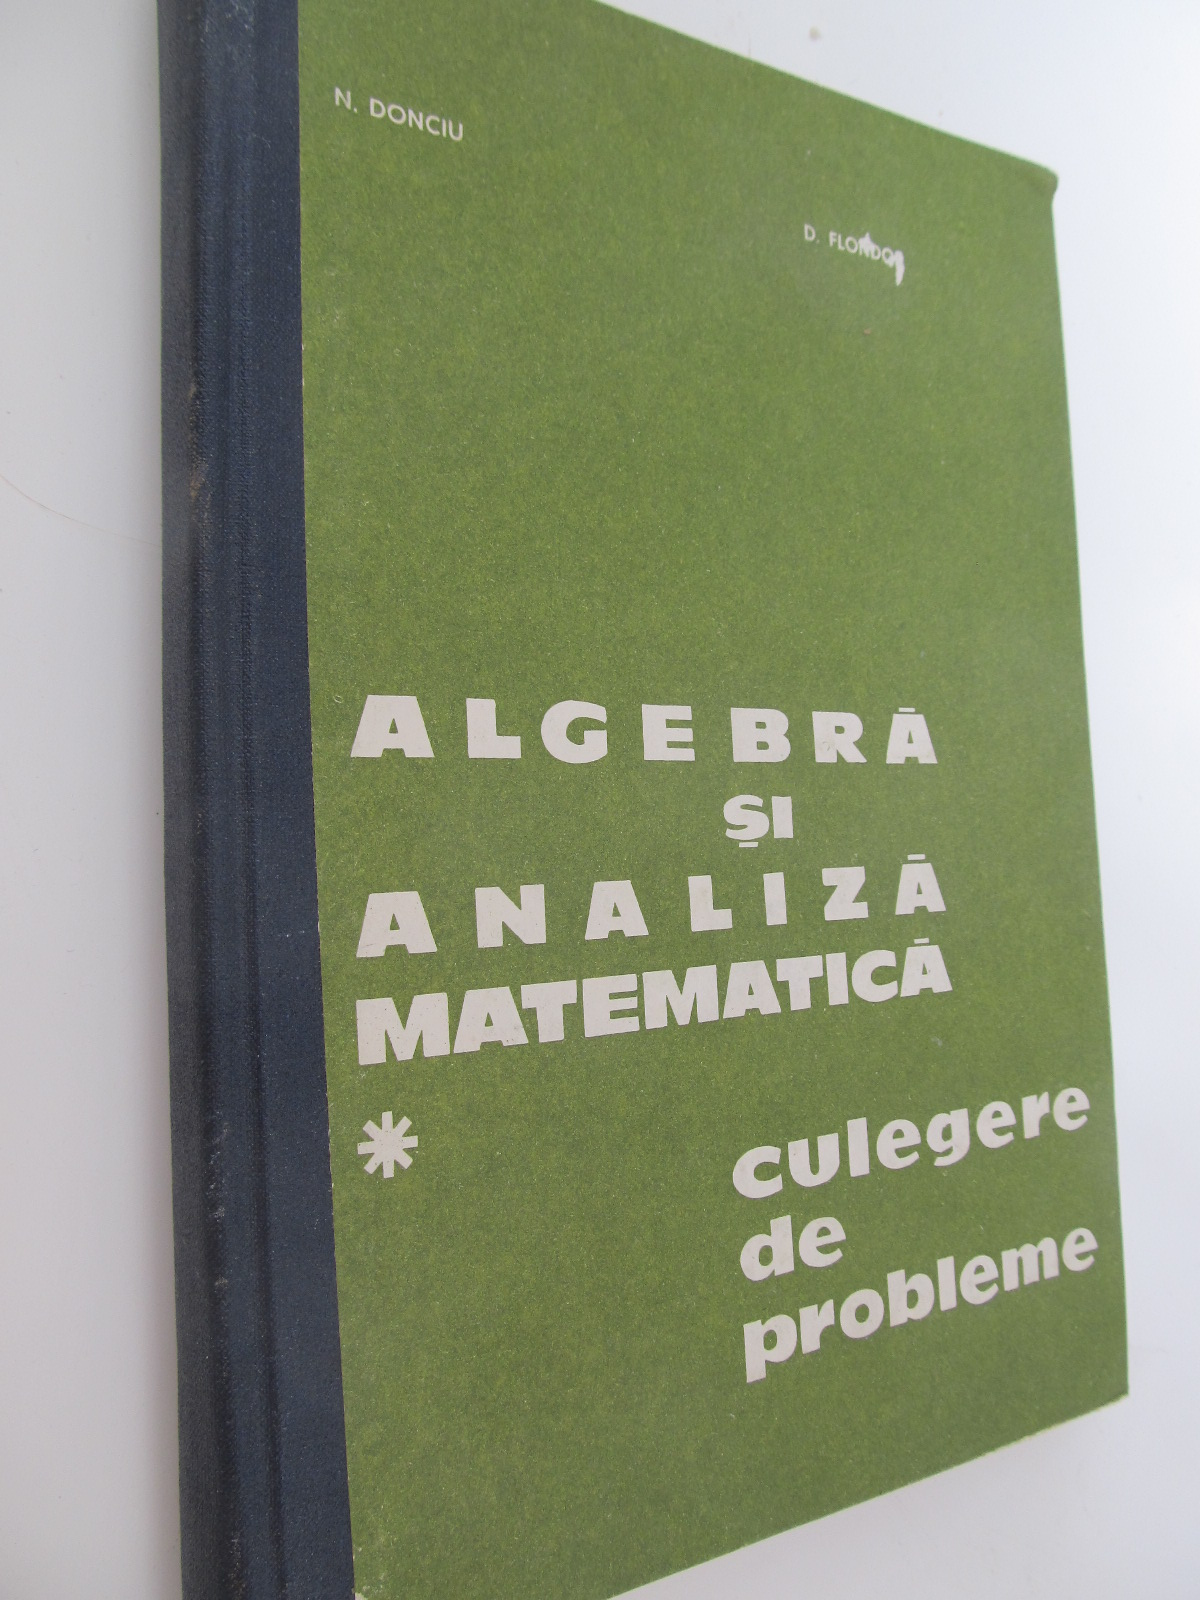 Algebra si analiza matematica - Culegere de probleme (vol. 1) - N. Donciu , D. Flondor | Detalii carte